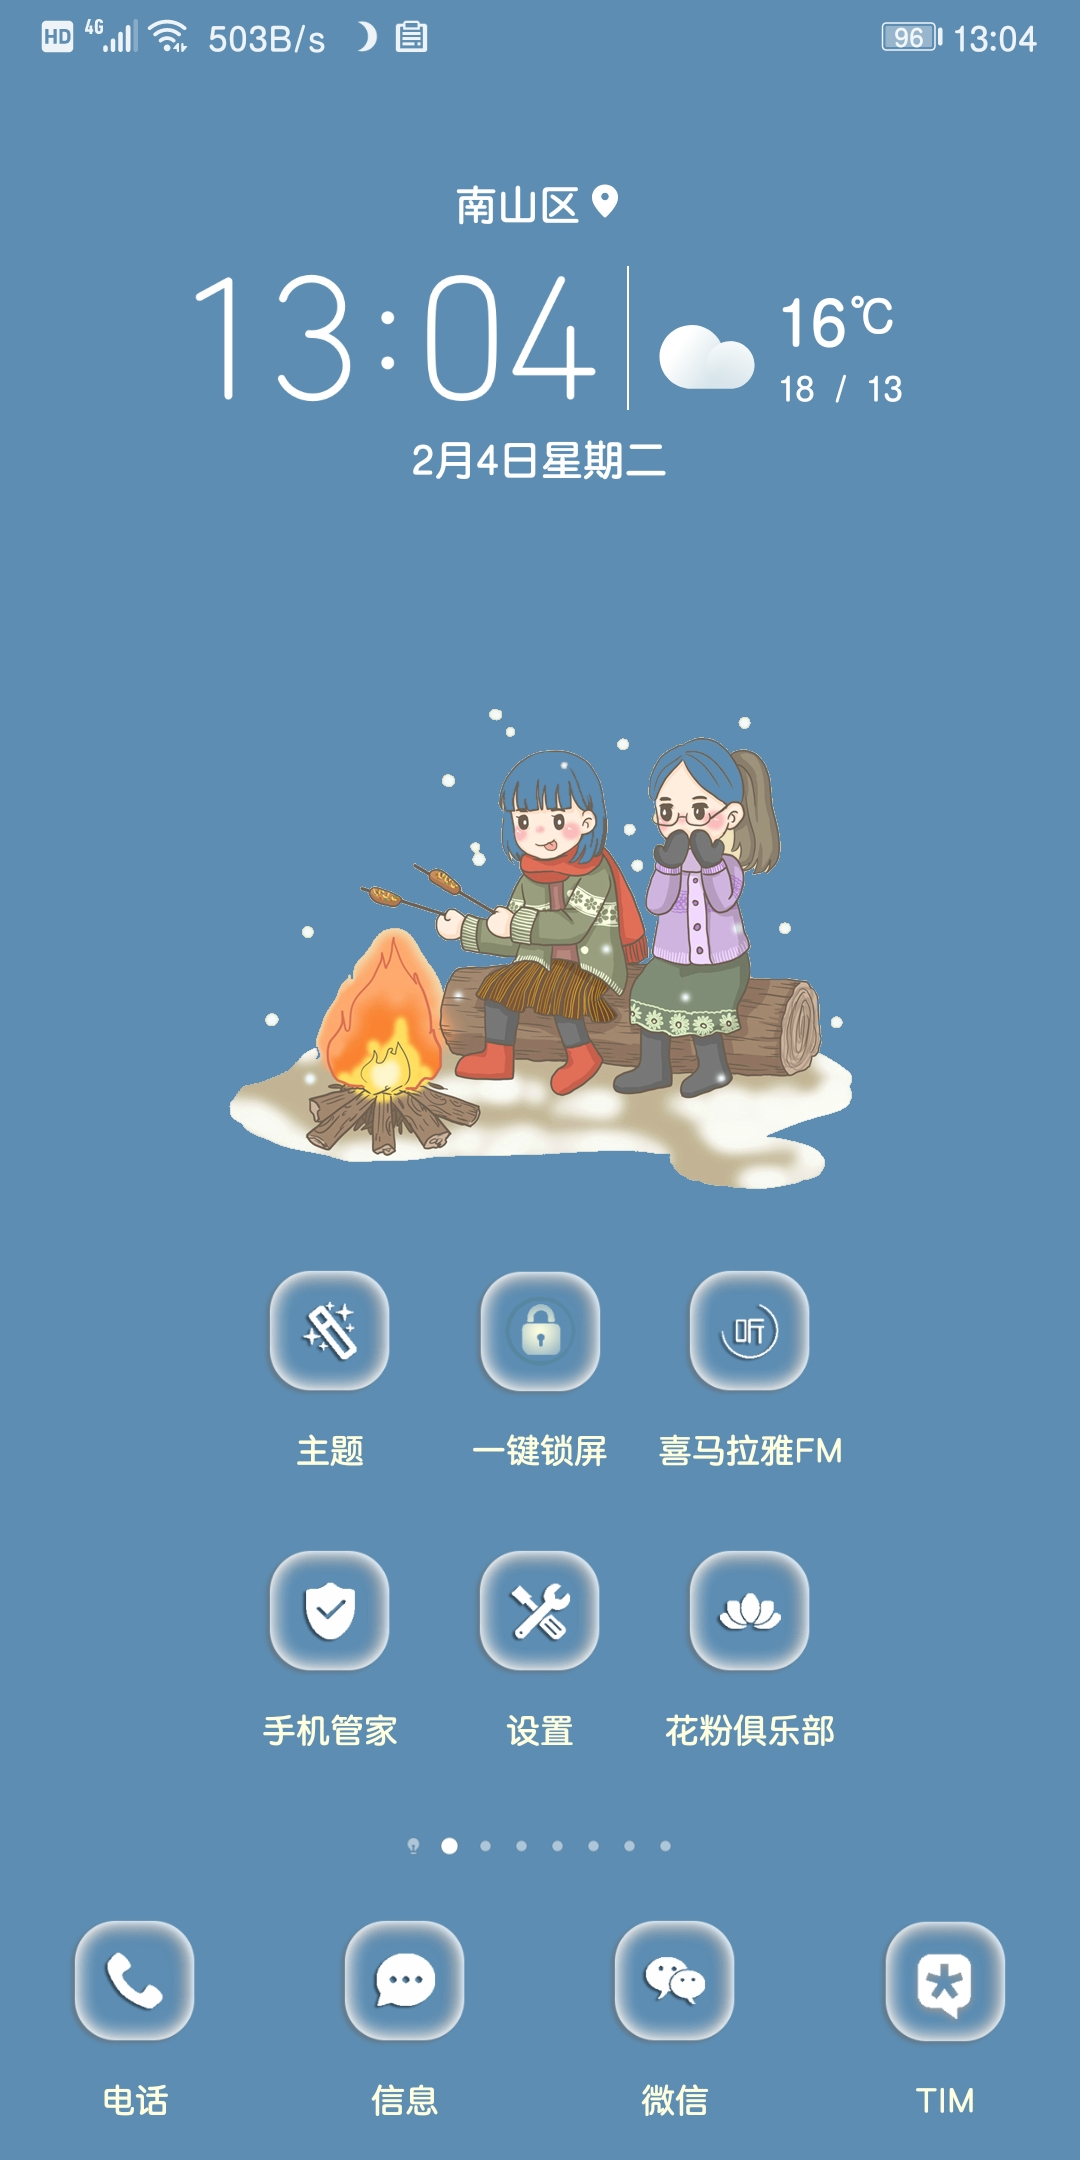 Screenshot_20200204_130401_com.huawei.android.launcher.jpg